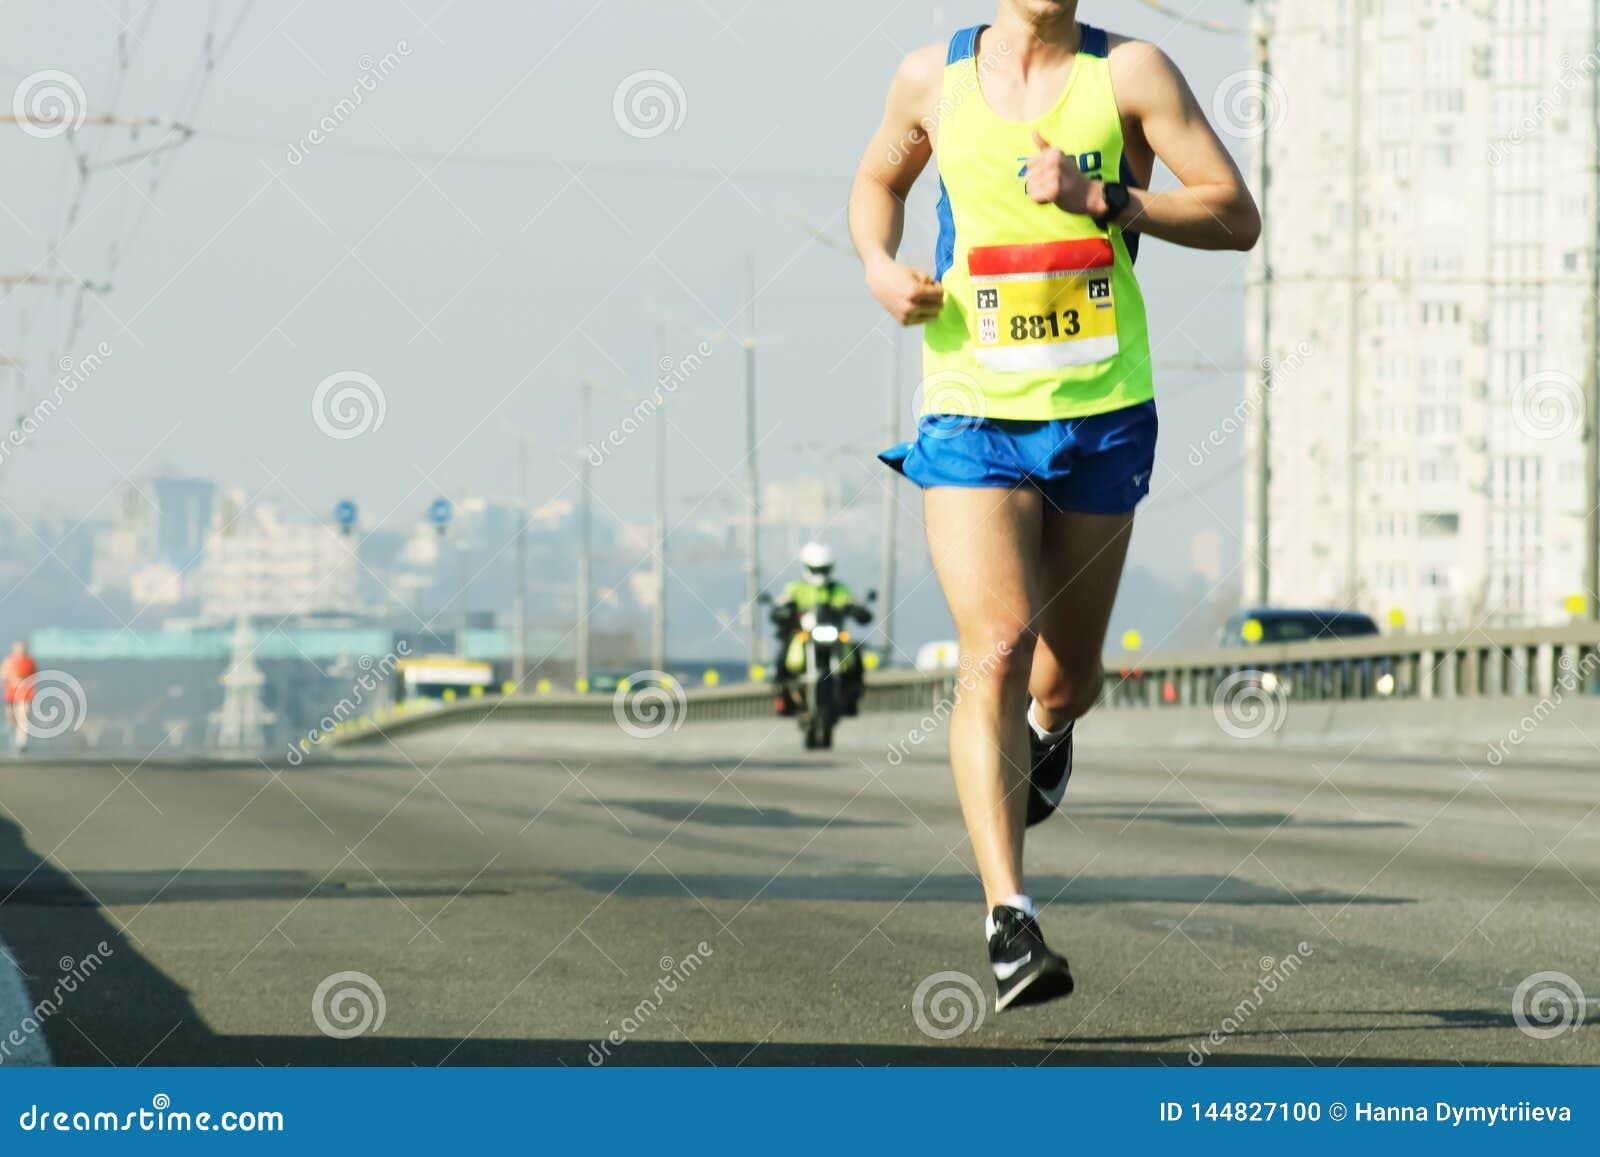 Ход марафона в свете утра Бег на дороге города Бег ног бегуна спортсмена Бегун молодой женщины бежать на городе